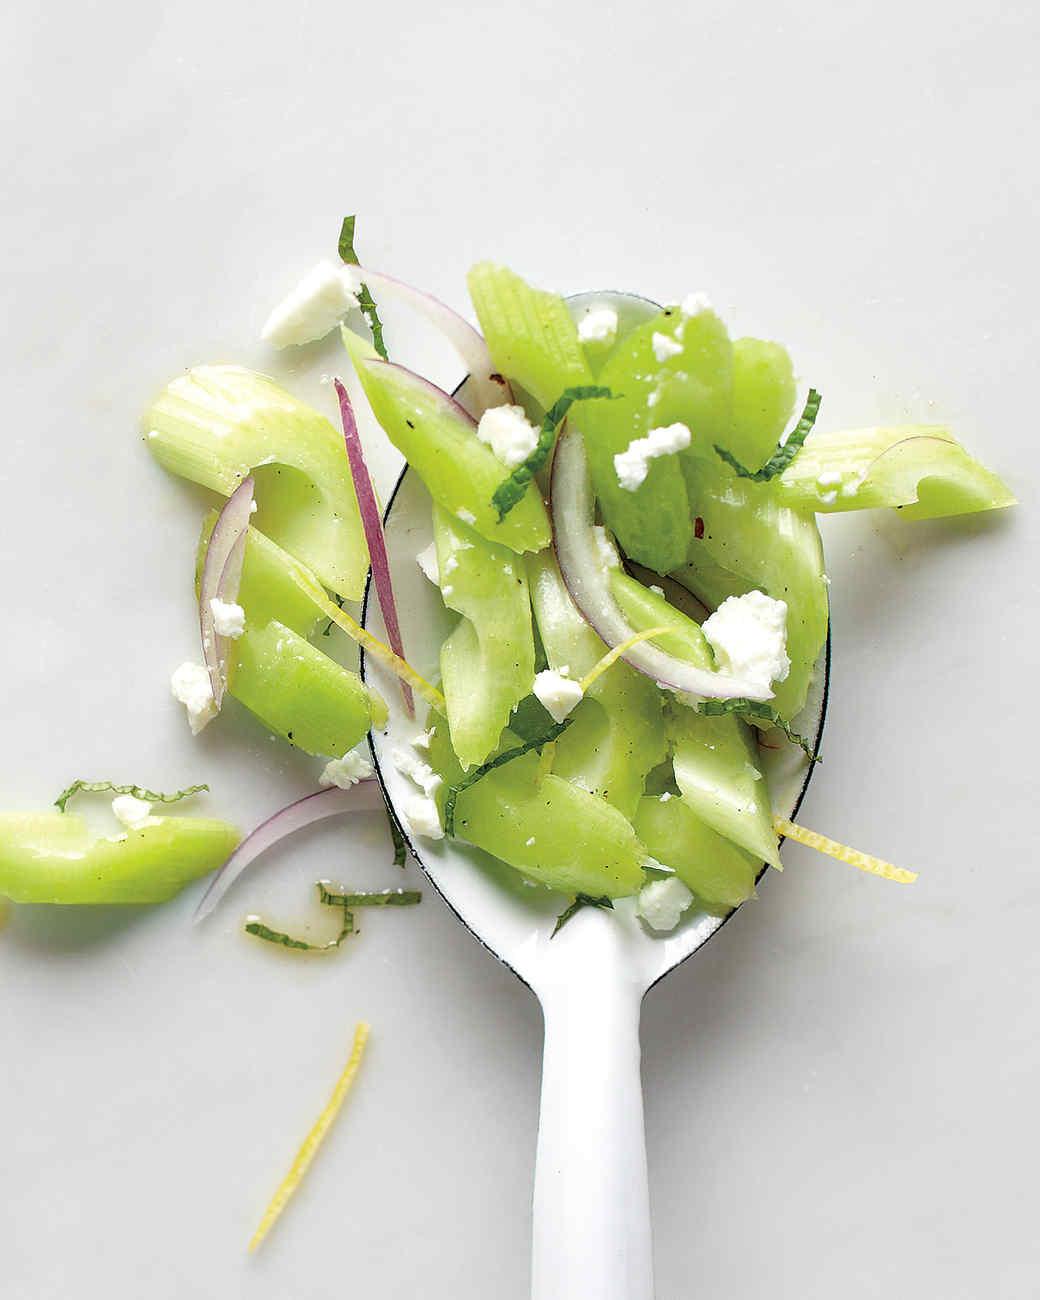 med106560_0311_ots_celery_salad.jpg